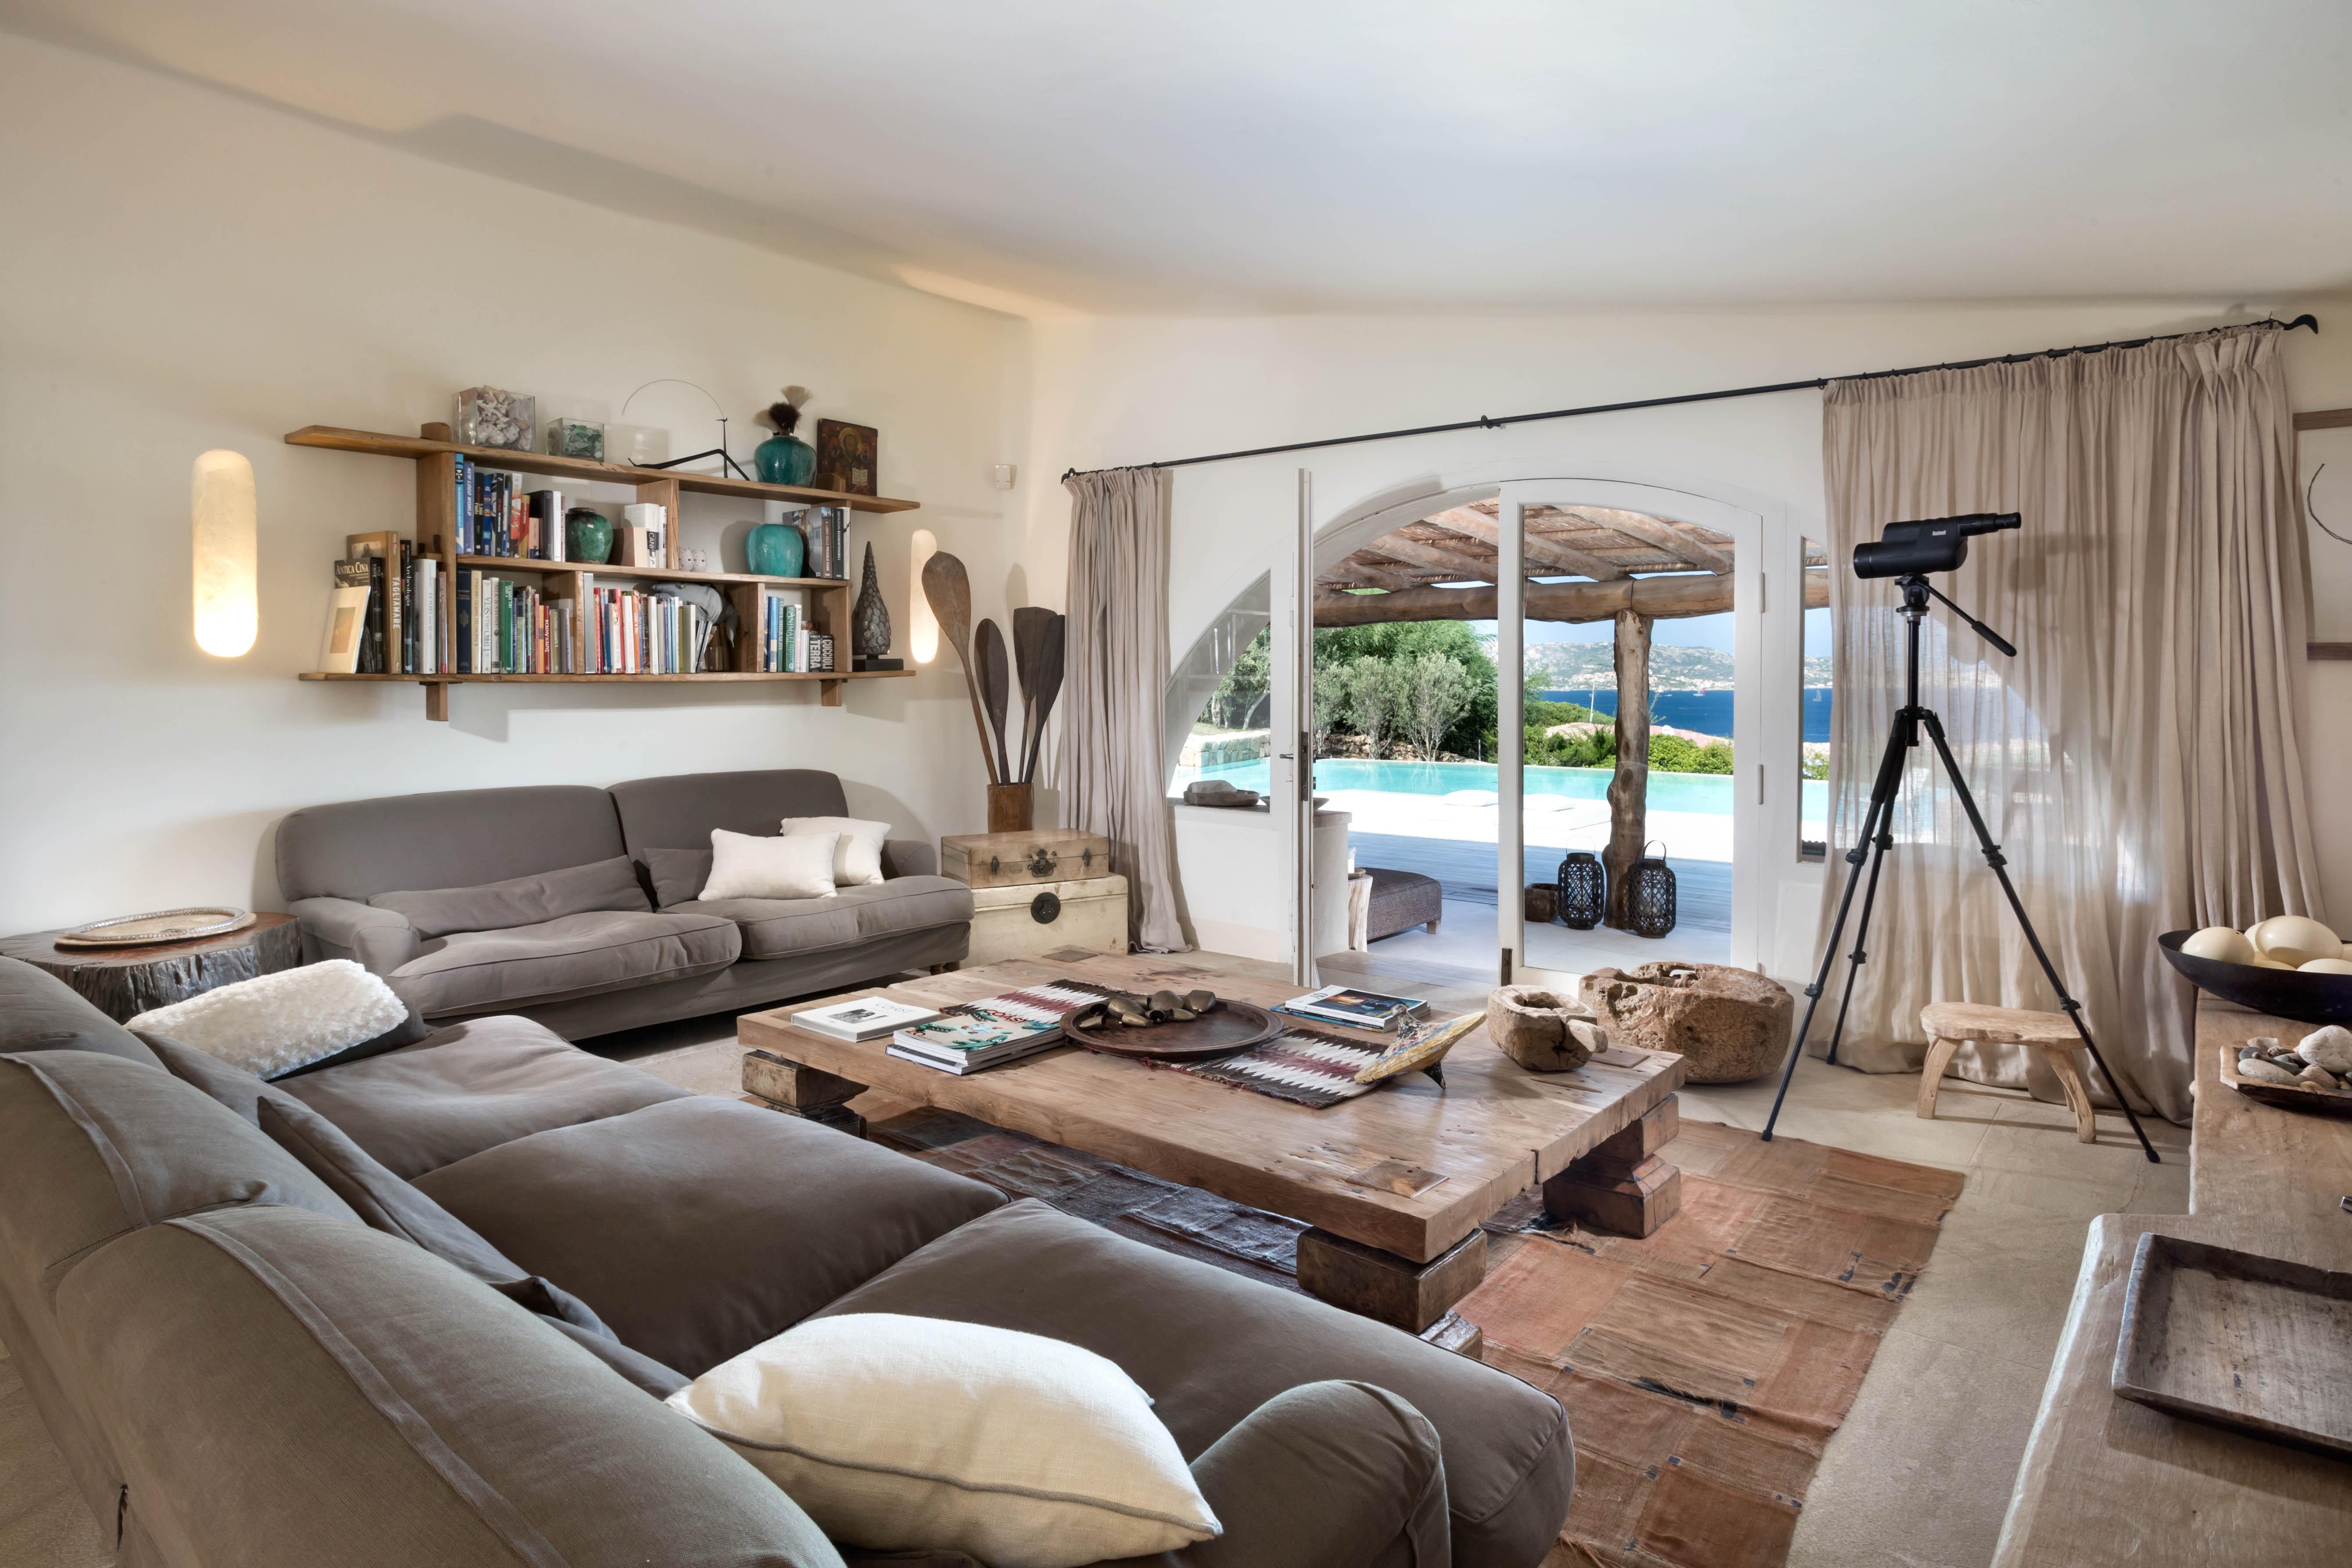 Extreem Gratis Afbeeldingen : villa, huis-, zomer, huisje, zolder  XH76